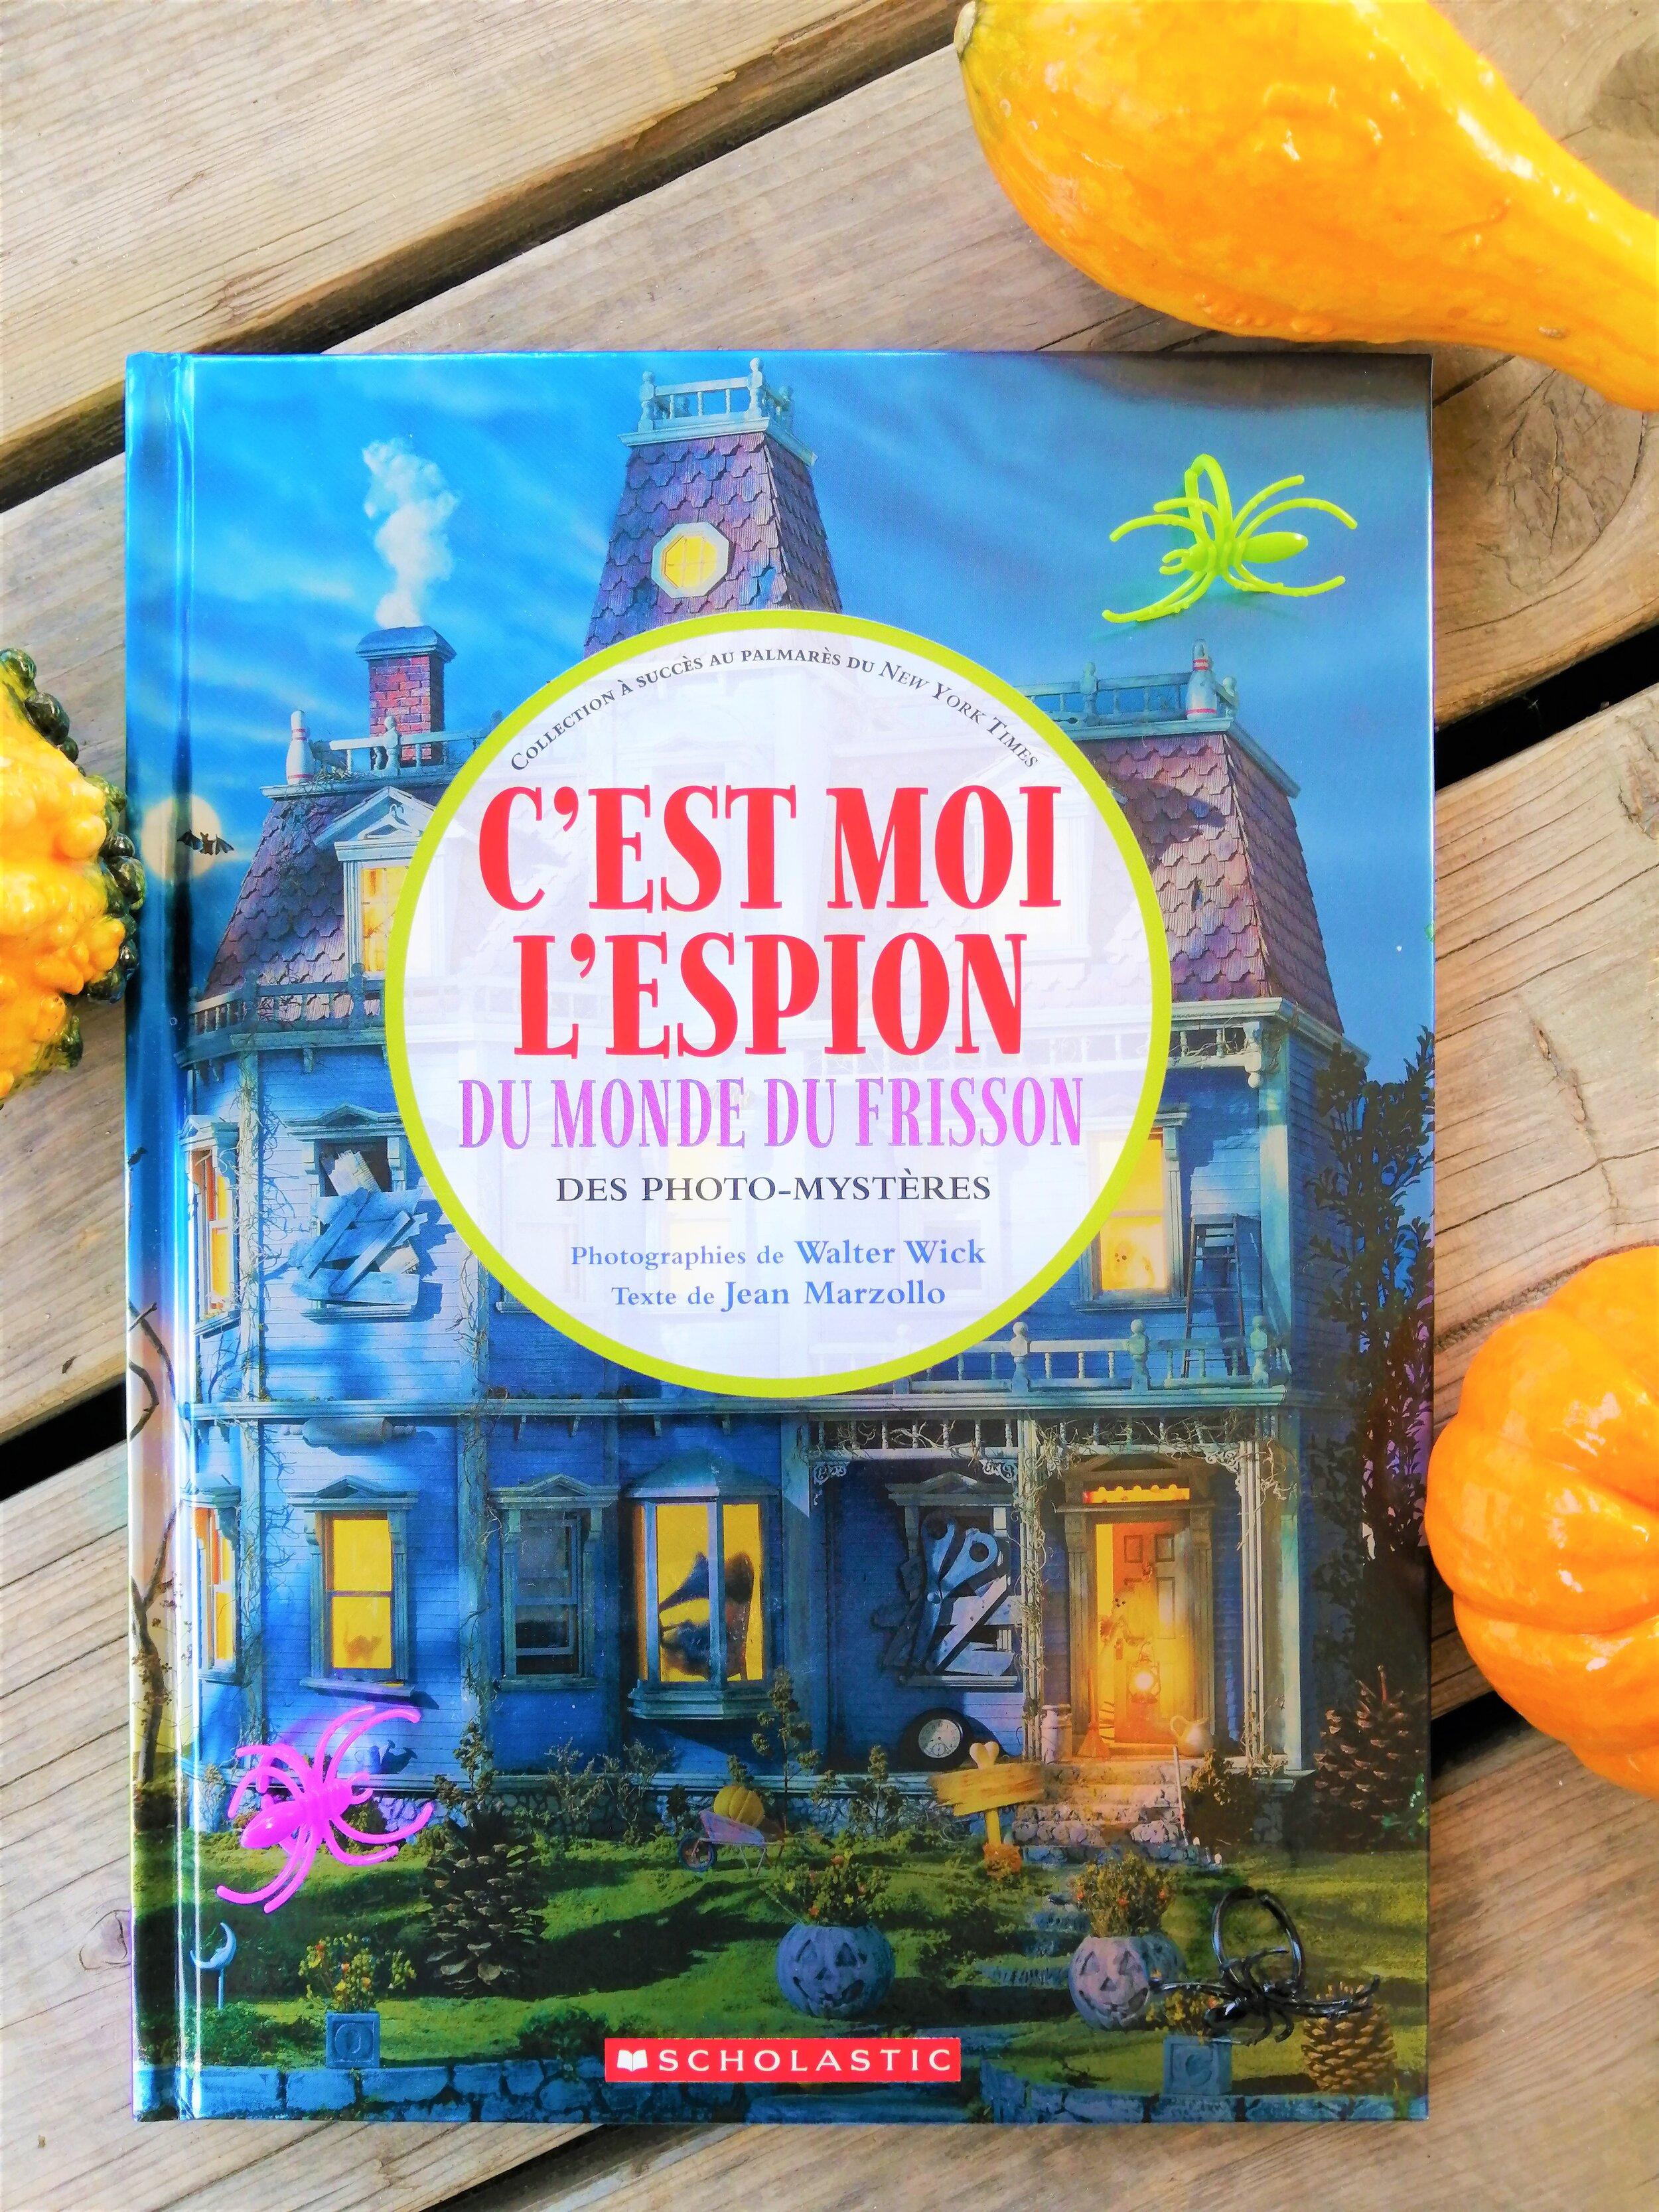 scholastic-cherche-et-trouve-c-est-moi-l-espion-du-monde-frisson-livre-halloween-7-ans